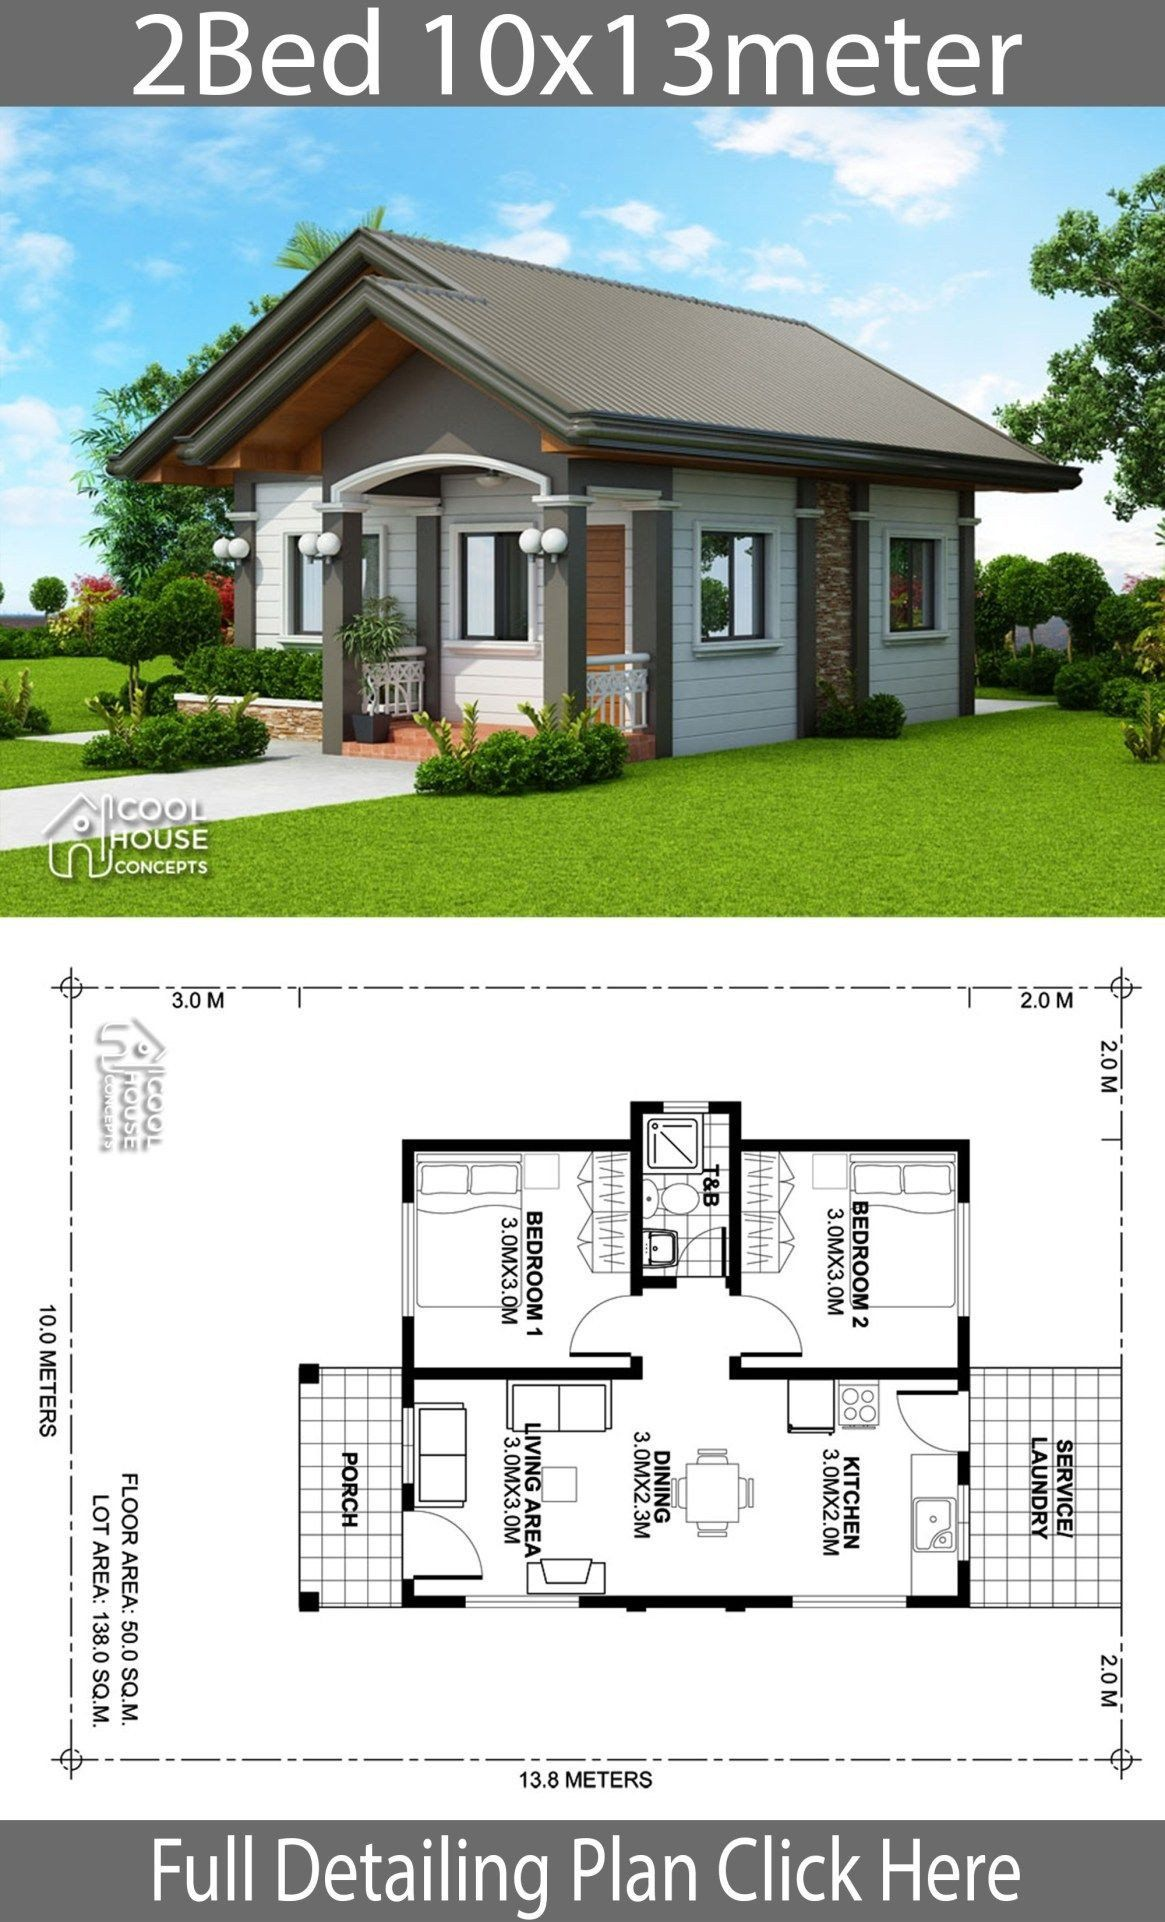 Modern House Plans Bungalow Mini Bungalow Design Kusmun Simple House Design Modern House Plans Architectural House Plans